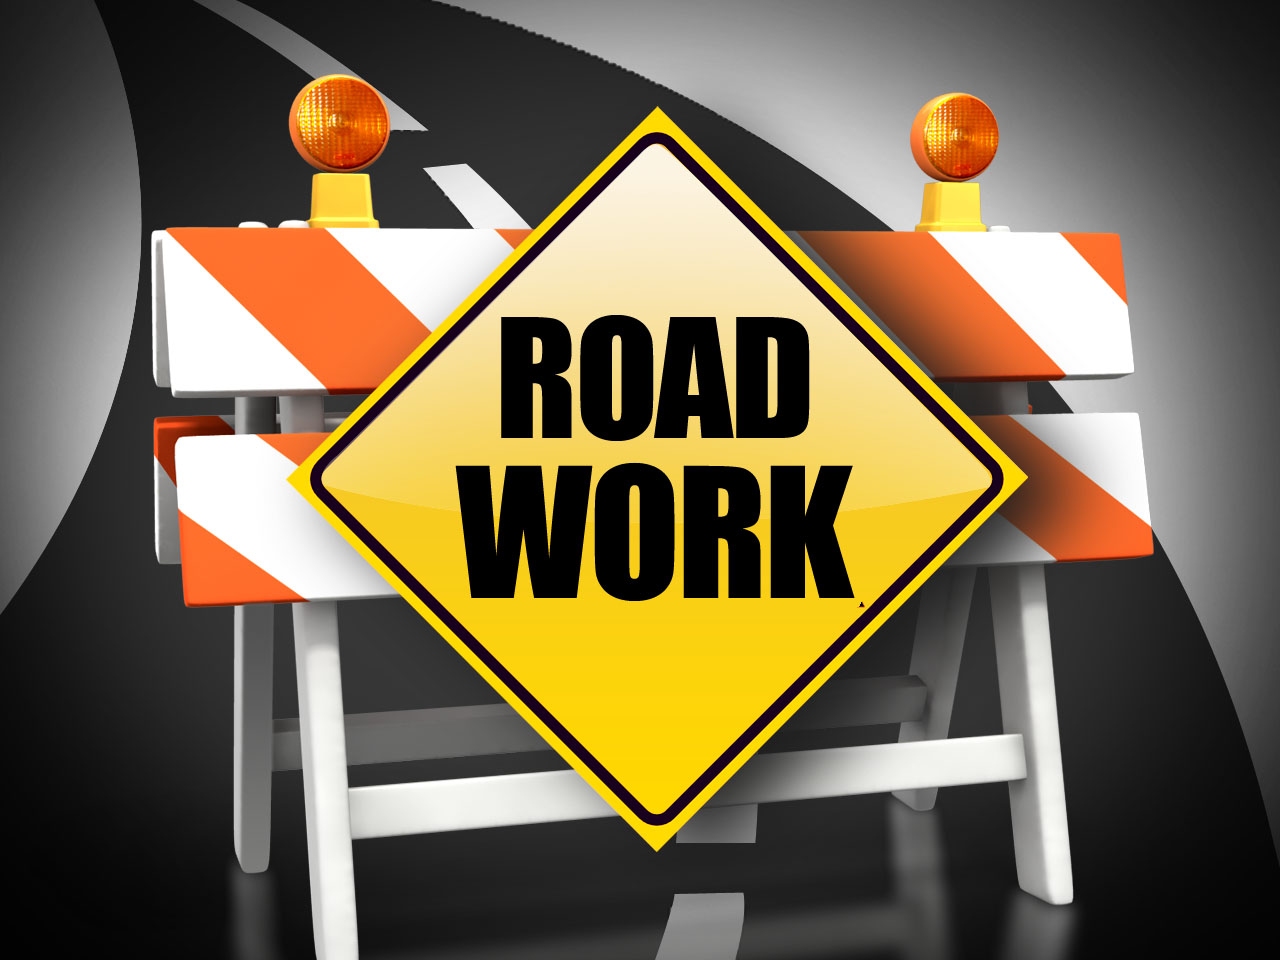 DOT to resurface major roads in Wethersfield